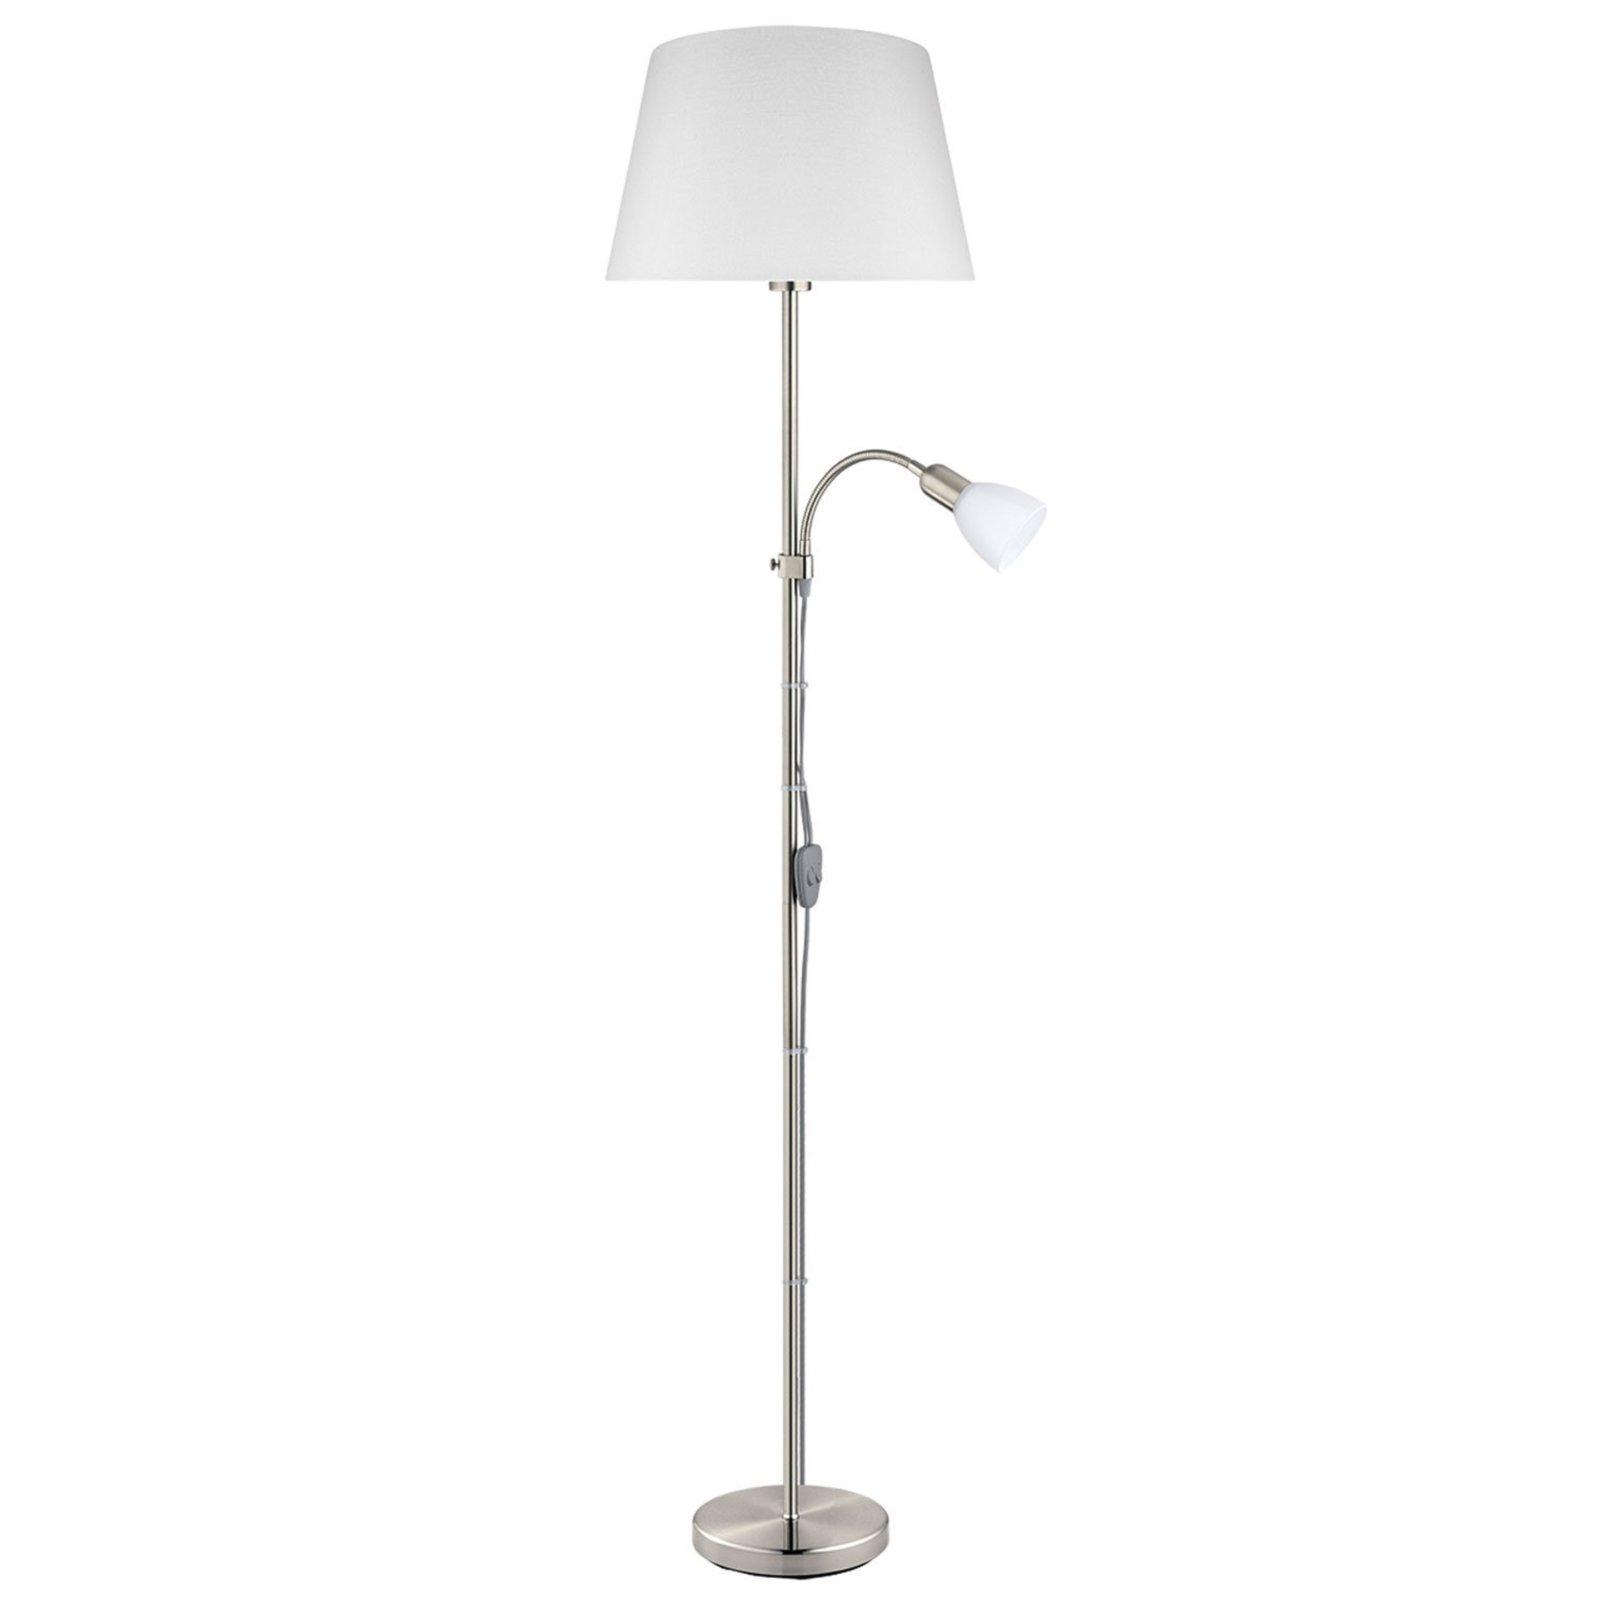 Stehleuchte CONESA - nickel-weiß - 170 cm hoch | Deckenfluter ...